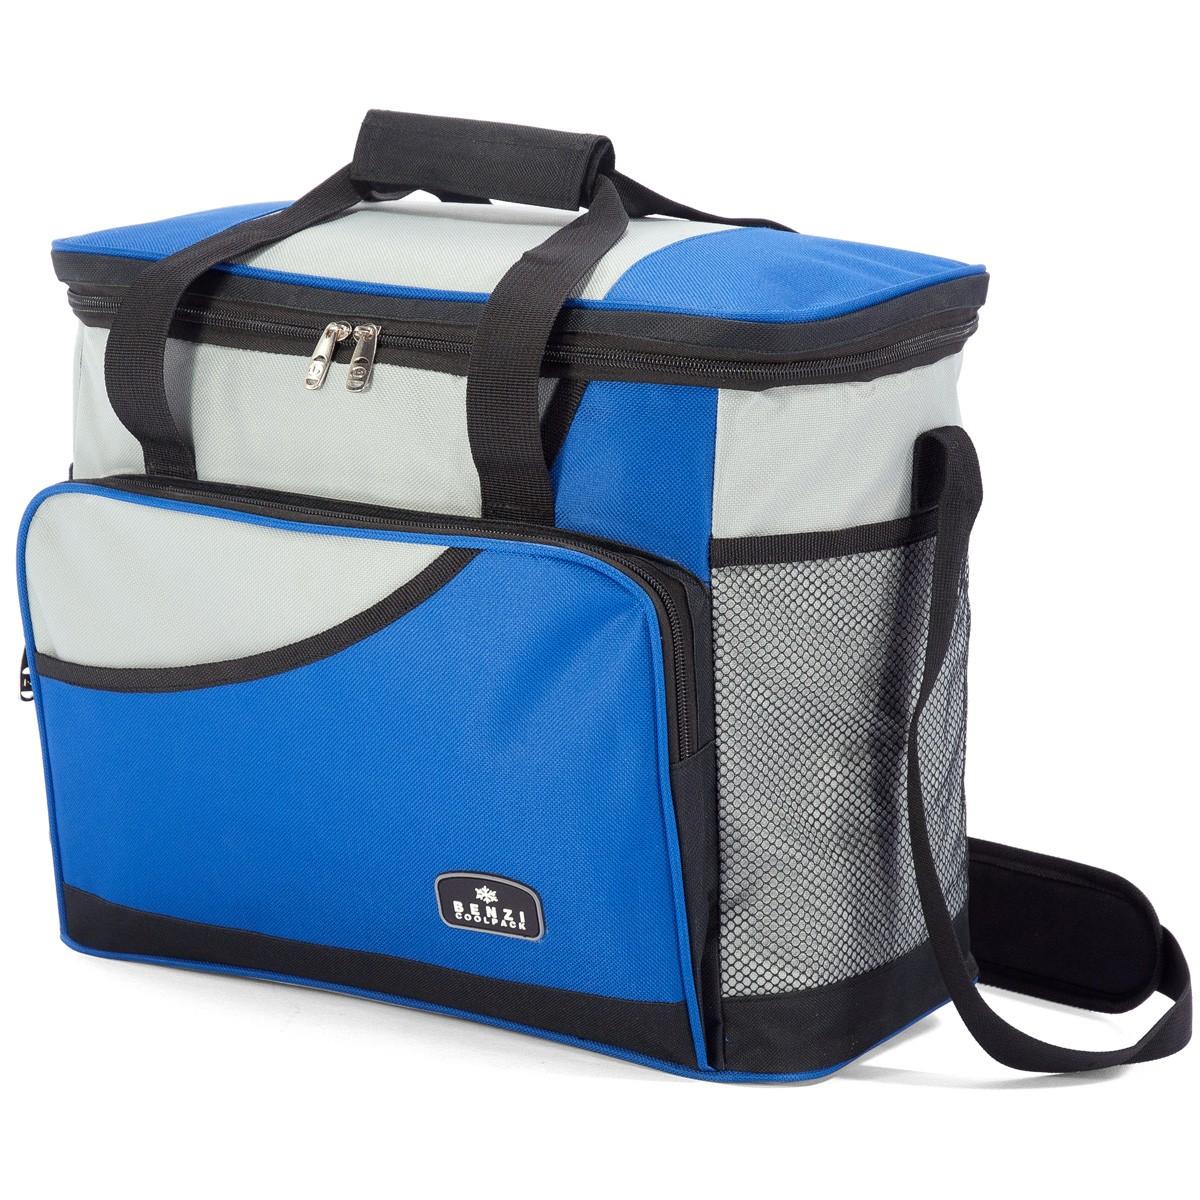 Ισοθερμική Φορητή Τσάντα (22Lit) Benzi 5025 Blue home   θαλάσσης   gadget παραλίας